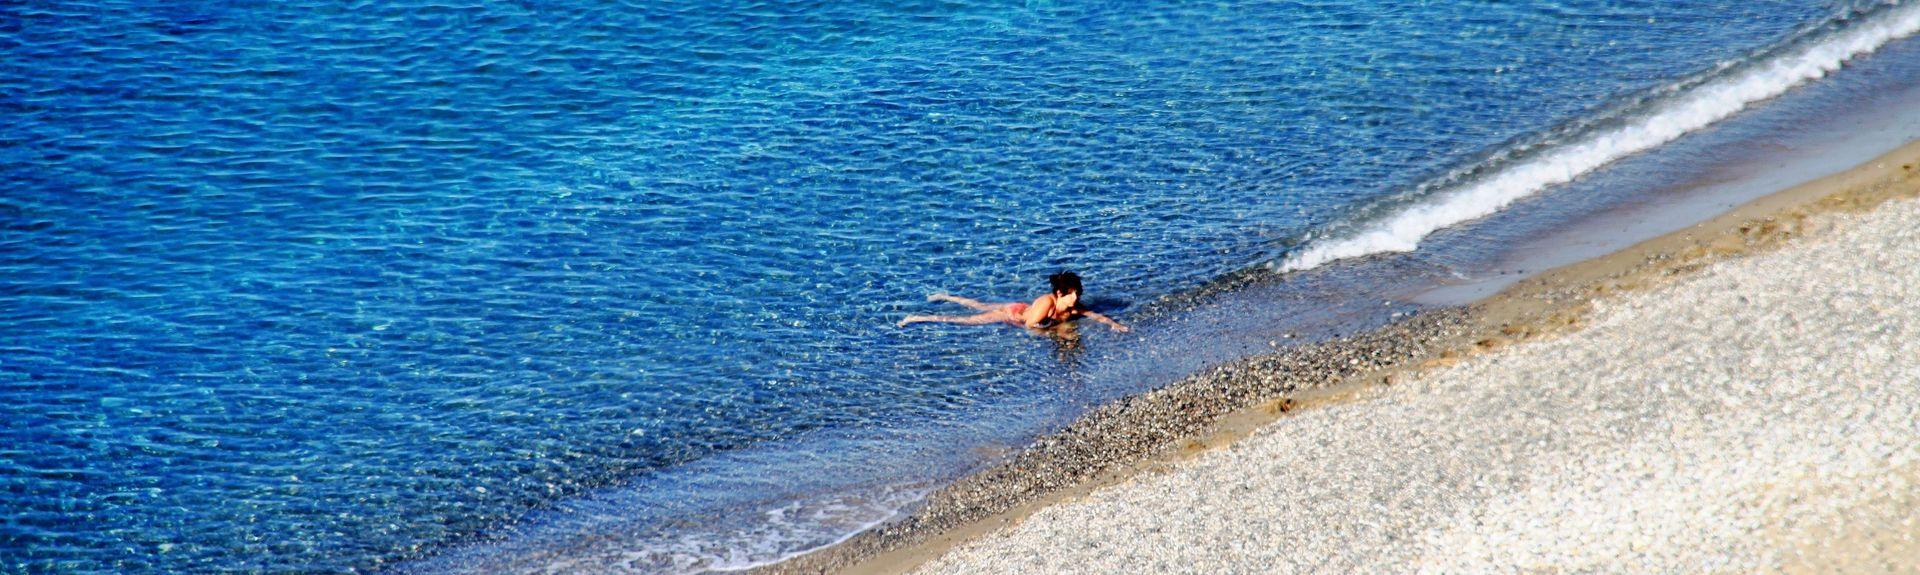 Παραλία του Πλακιά, Πλακιάς, Κρήτη, Ελλάδα